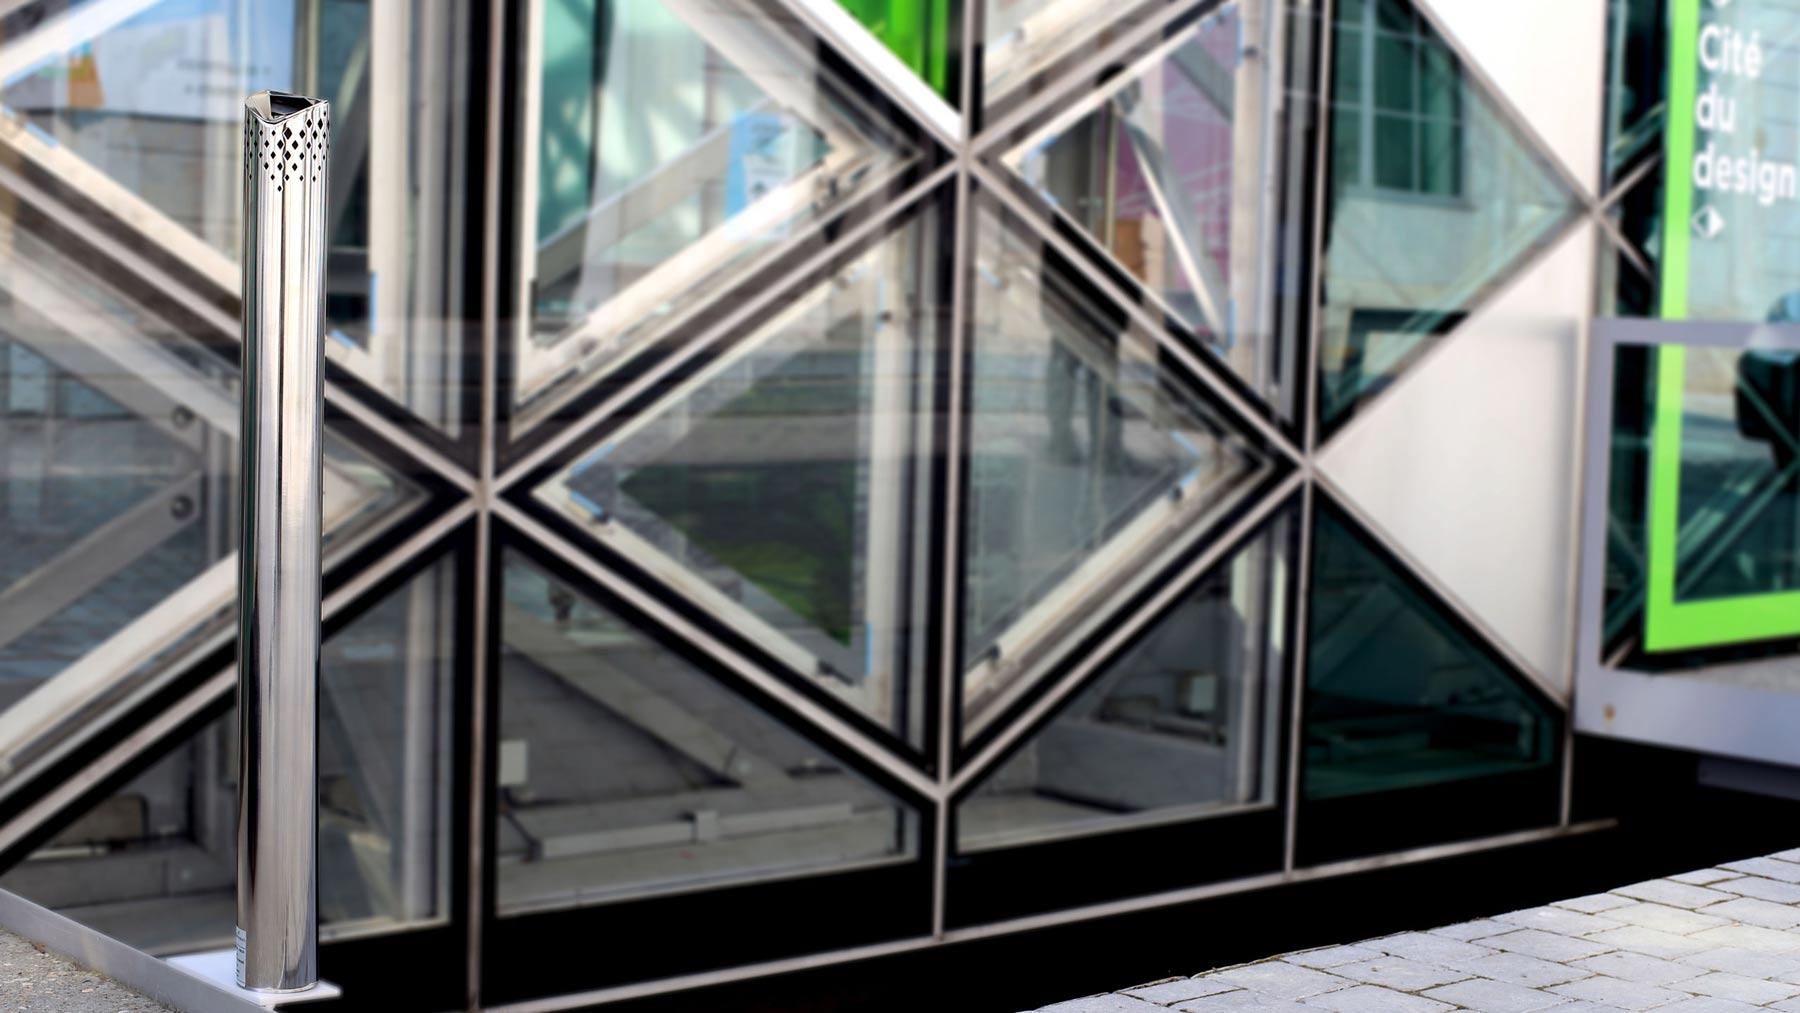 Objets publics cendrier public manques 2 design franck magné mobilier urbain cigarette